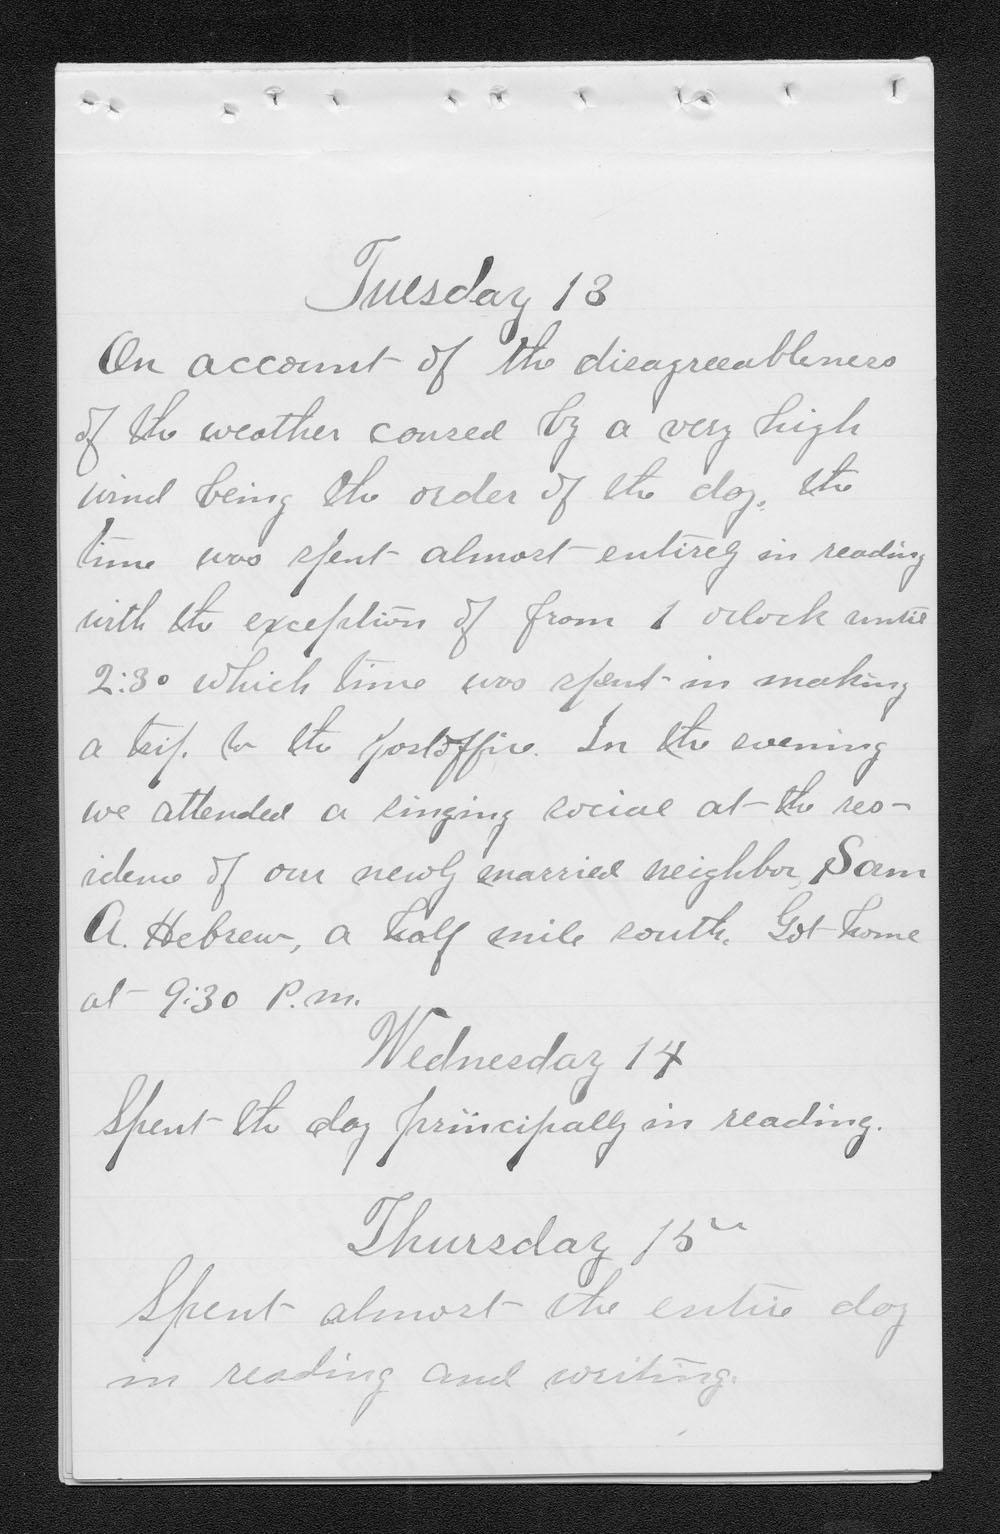 Elam Bartholomew diary - Jan 13, 1880